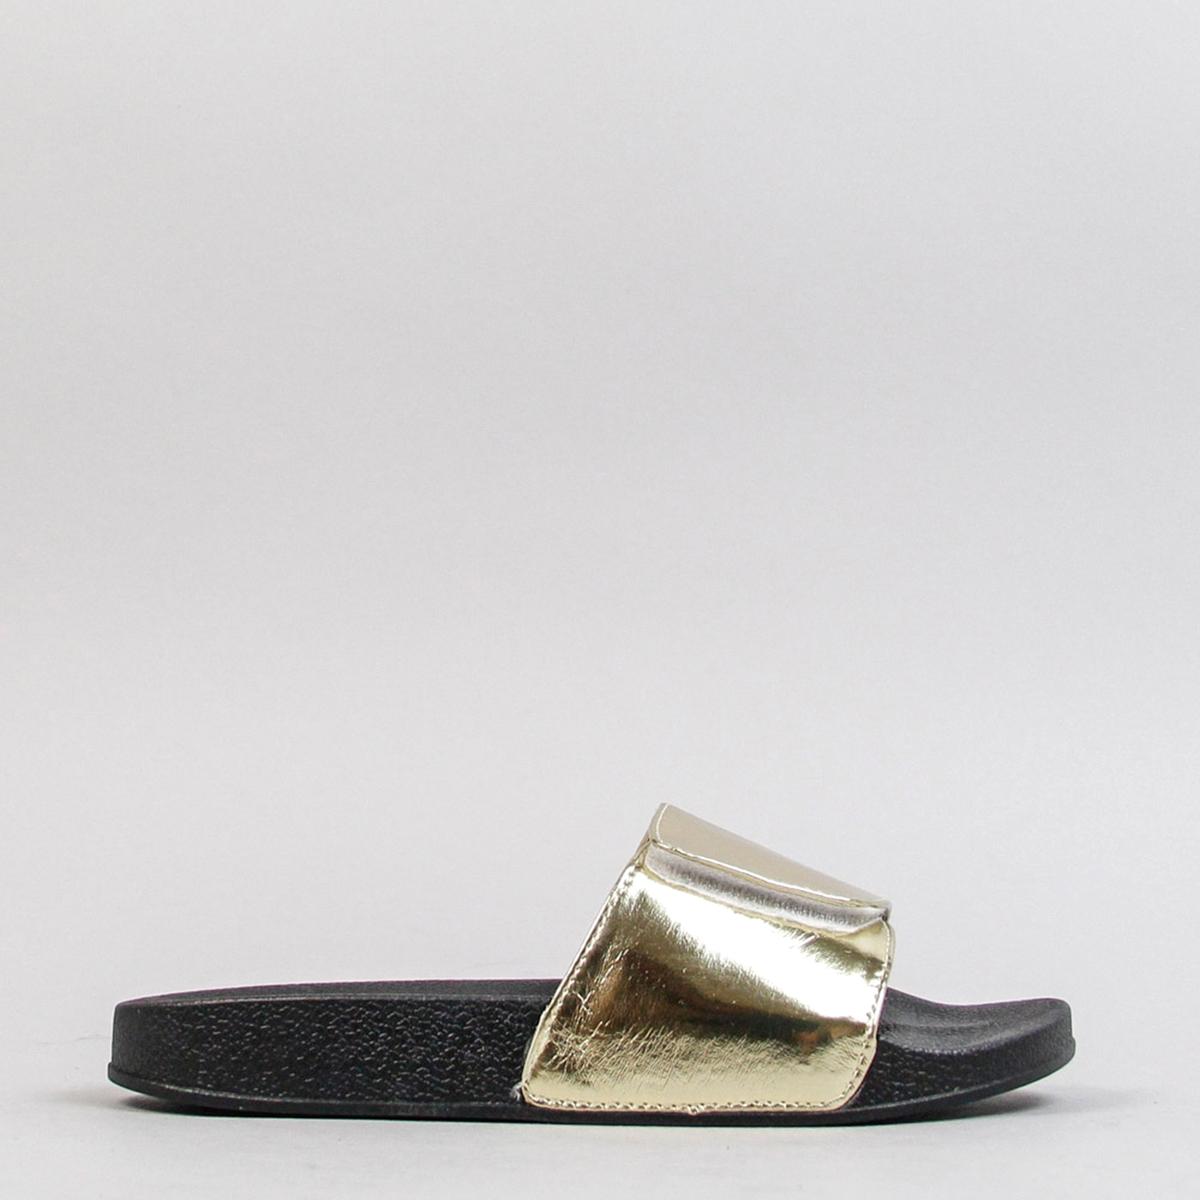 Туфли без задника MaltaВерх/Голенище : Текстиль  Подкладка : Текстиль  Стелька : Текстиль  Подошва : каучук   Форма каблука : плоский каблук  Мысок : закругленный.  Застежка : без застежки<br><br>Цвет: золотистый<br>Размер: 38.39